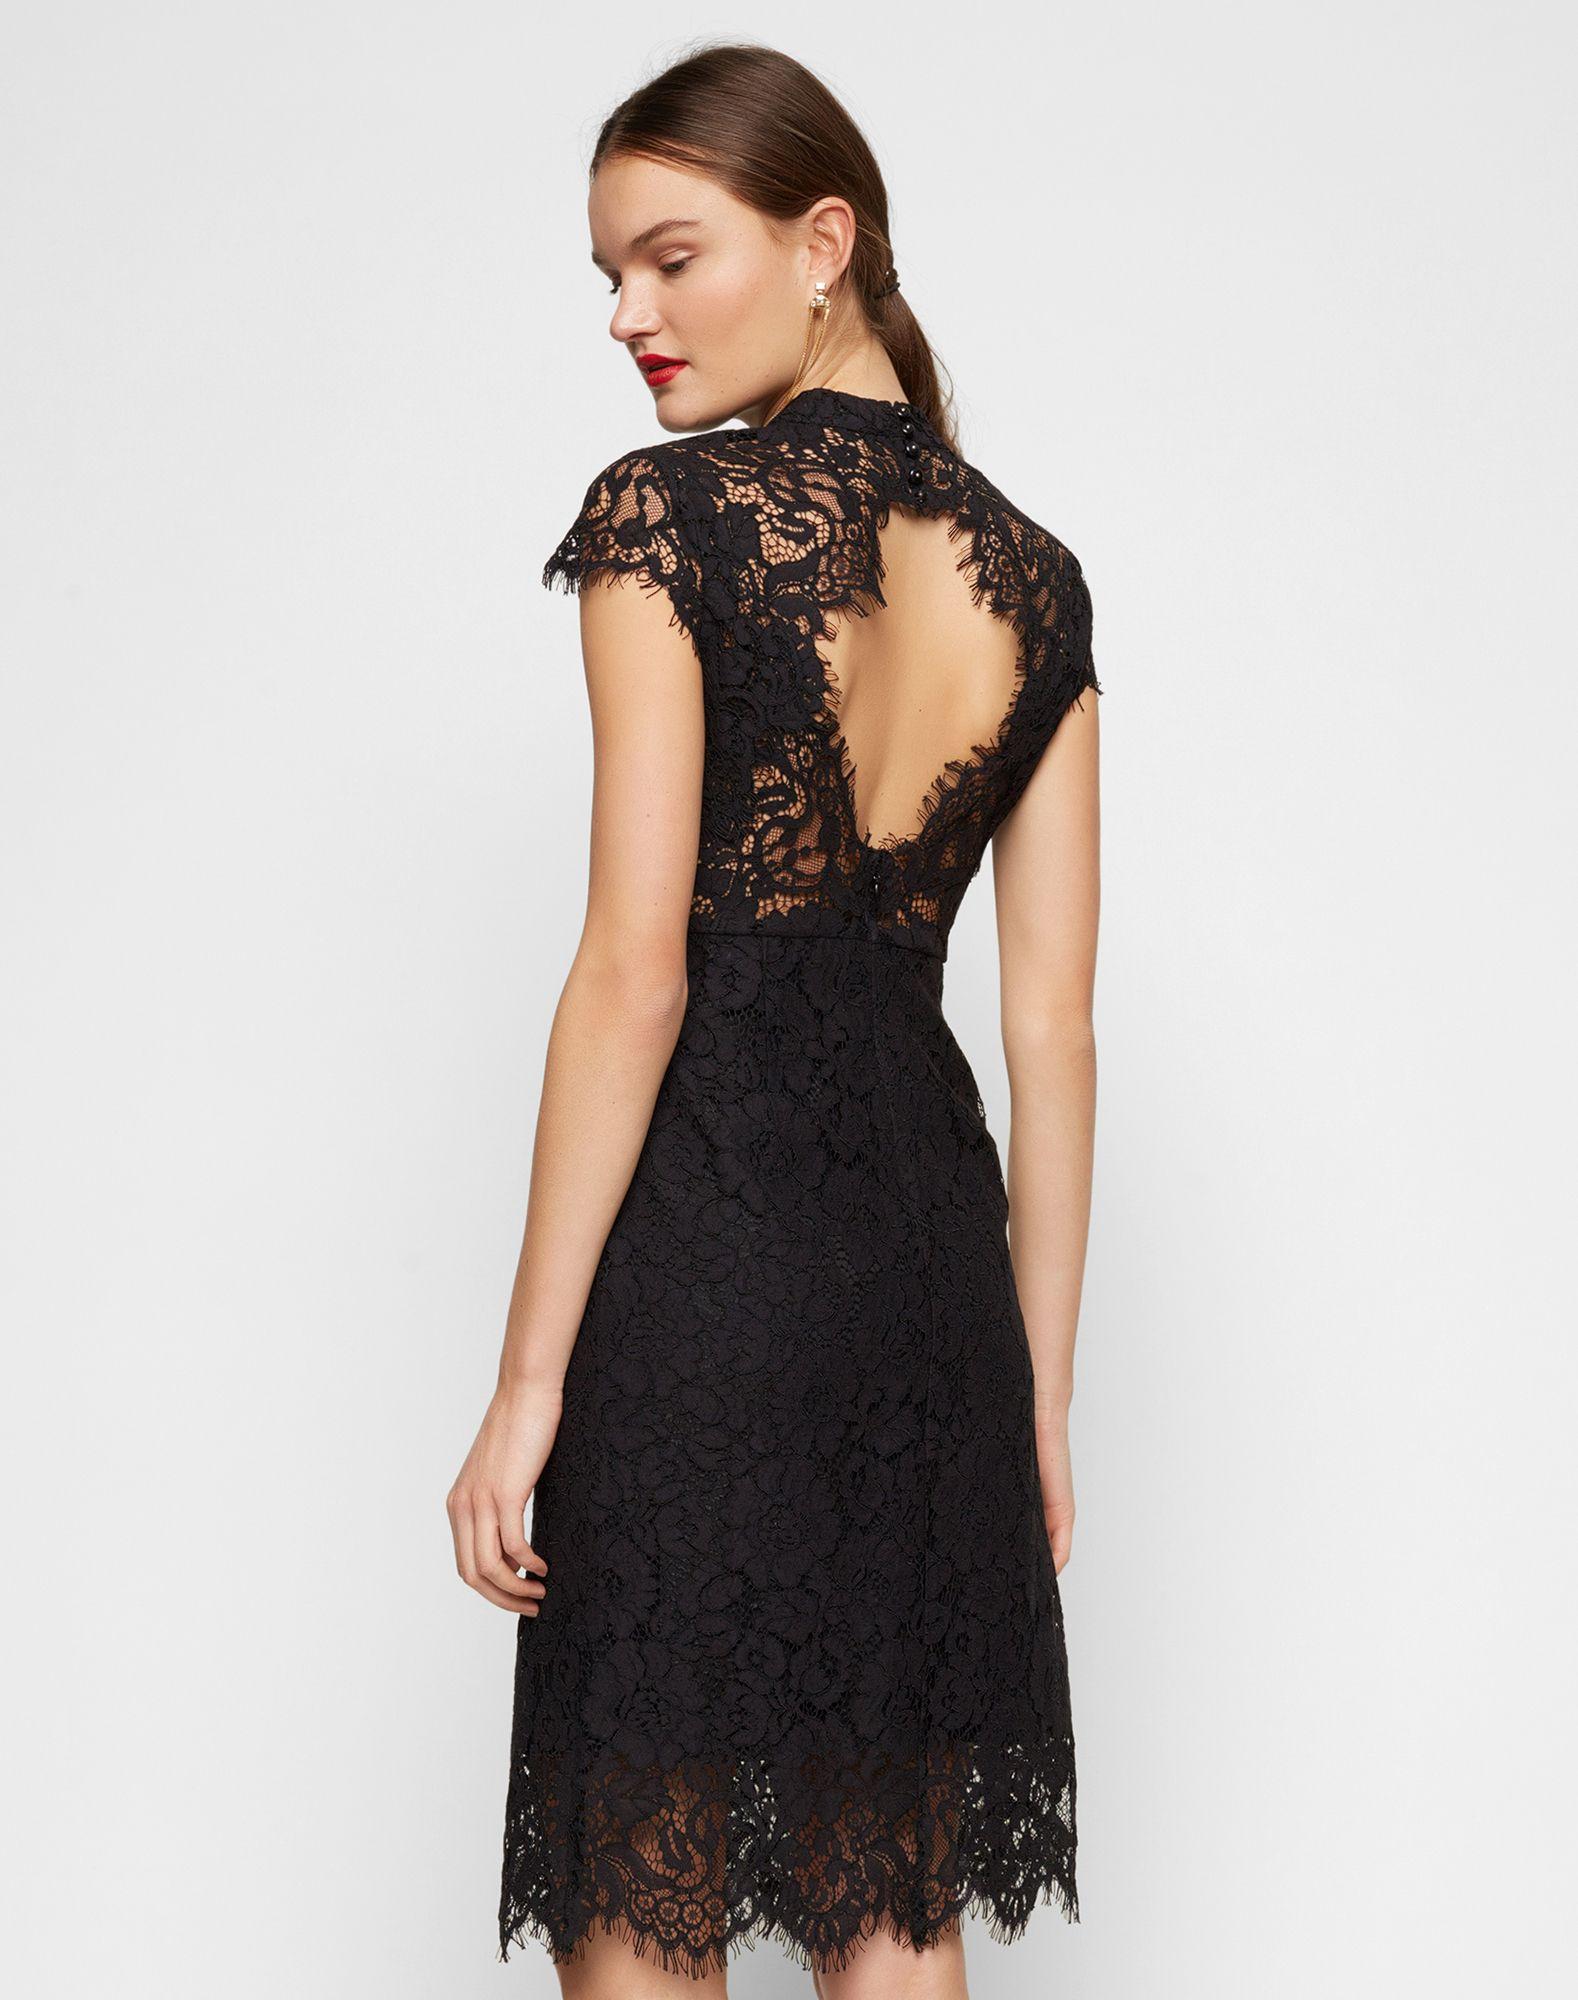 Cocktailkleid mit Rückenausschnitt | Buy Outfit | Pinterest